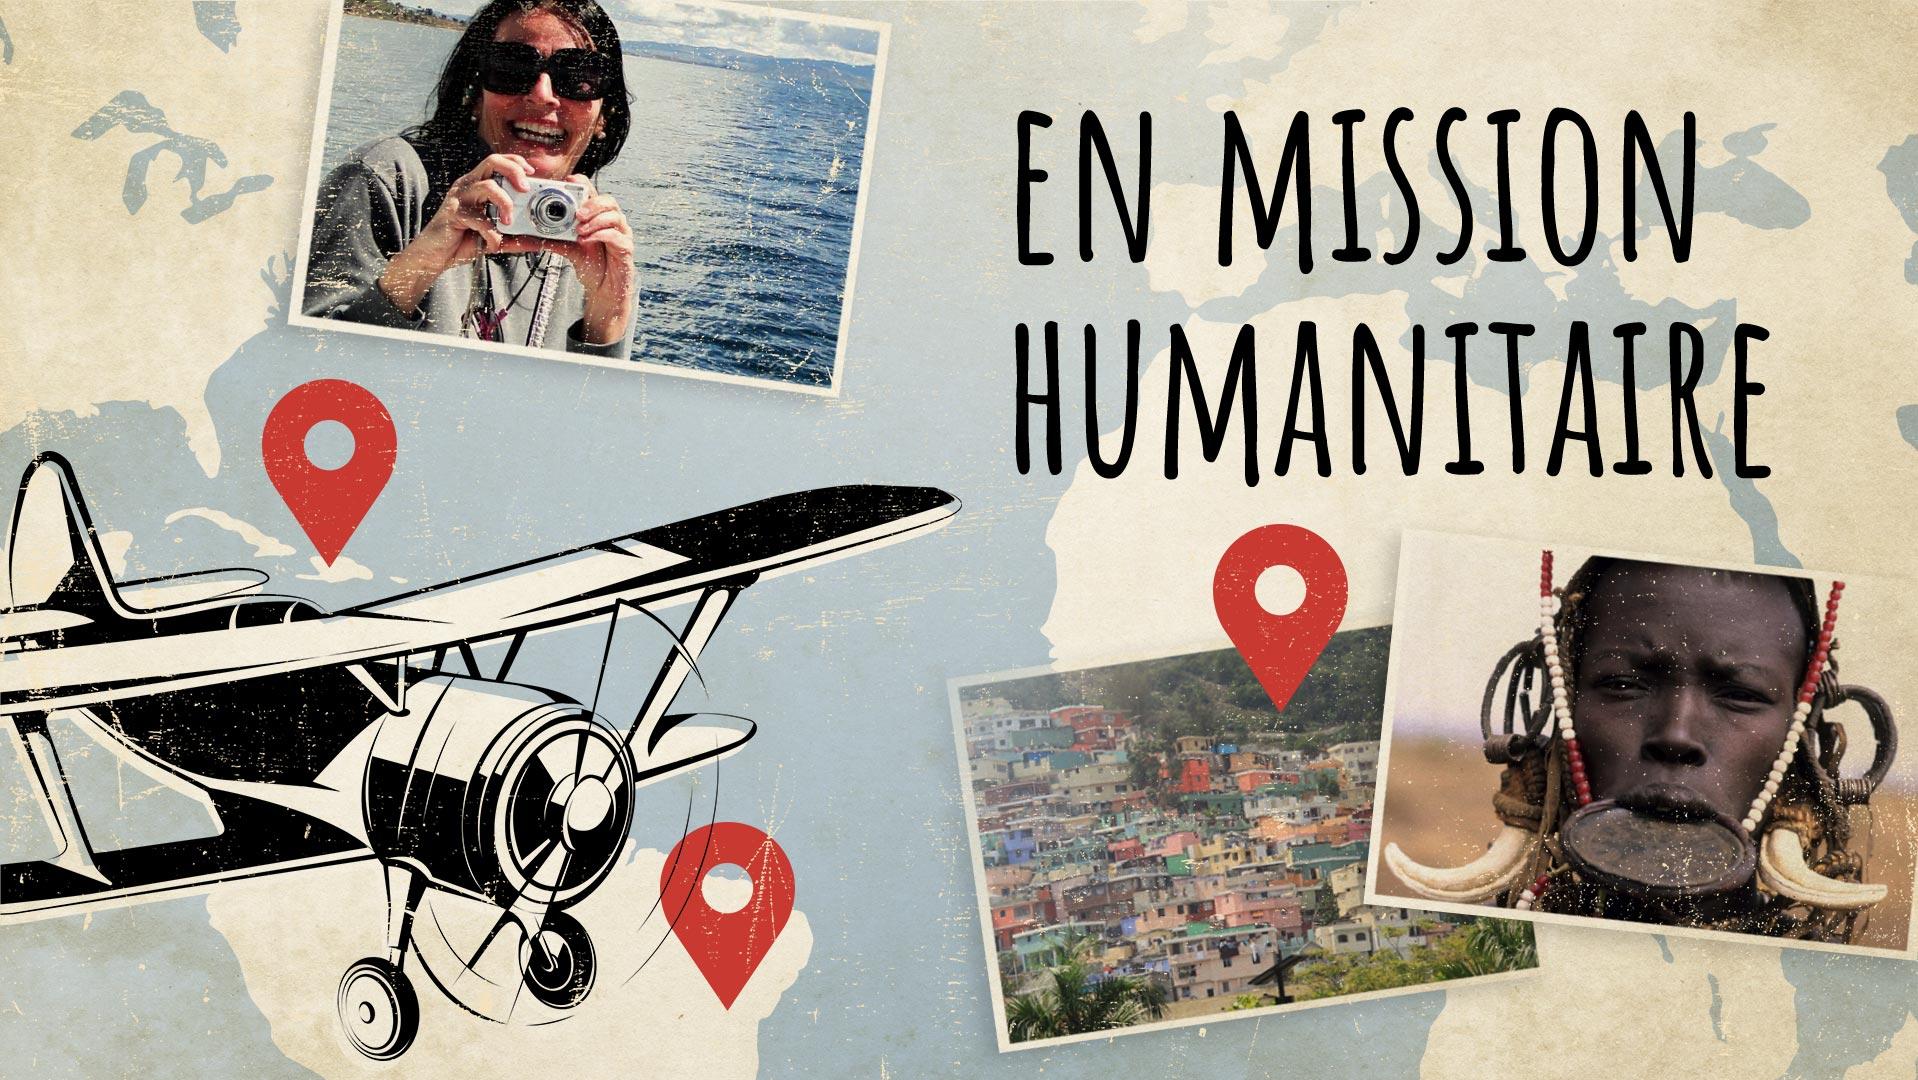 le texte «EN MISSION HUMANITAIRE» accompagné de photos de voyage et du dessin d'un avion avec une carte du monde comme image de fond